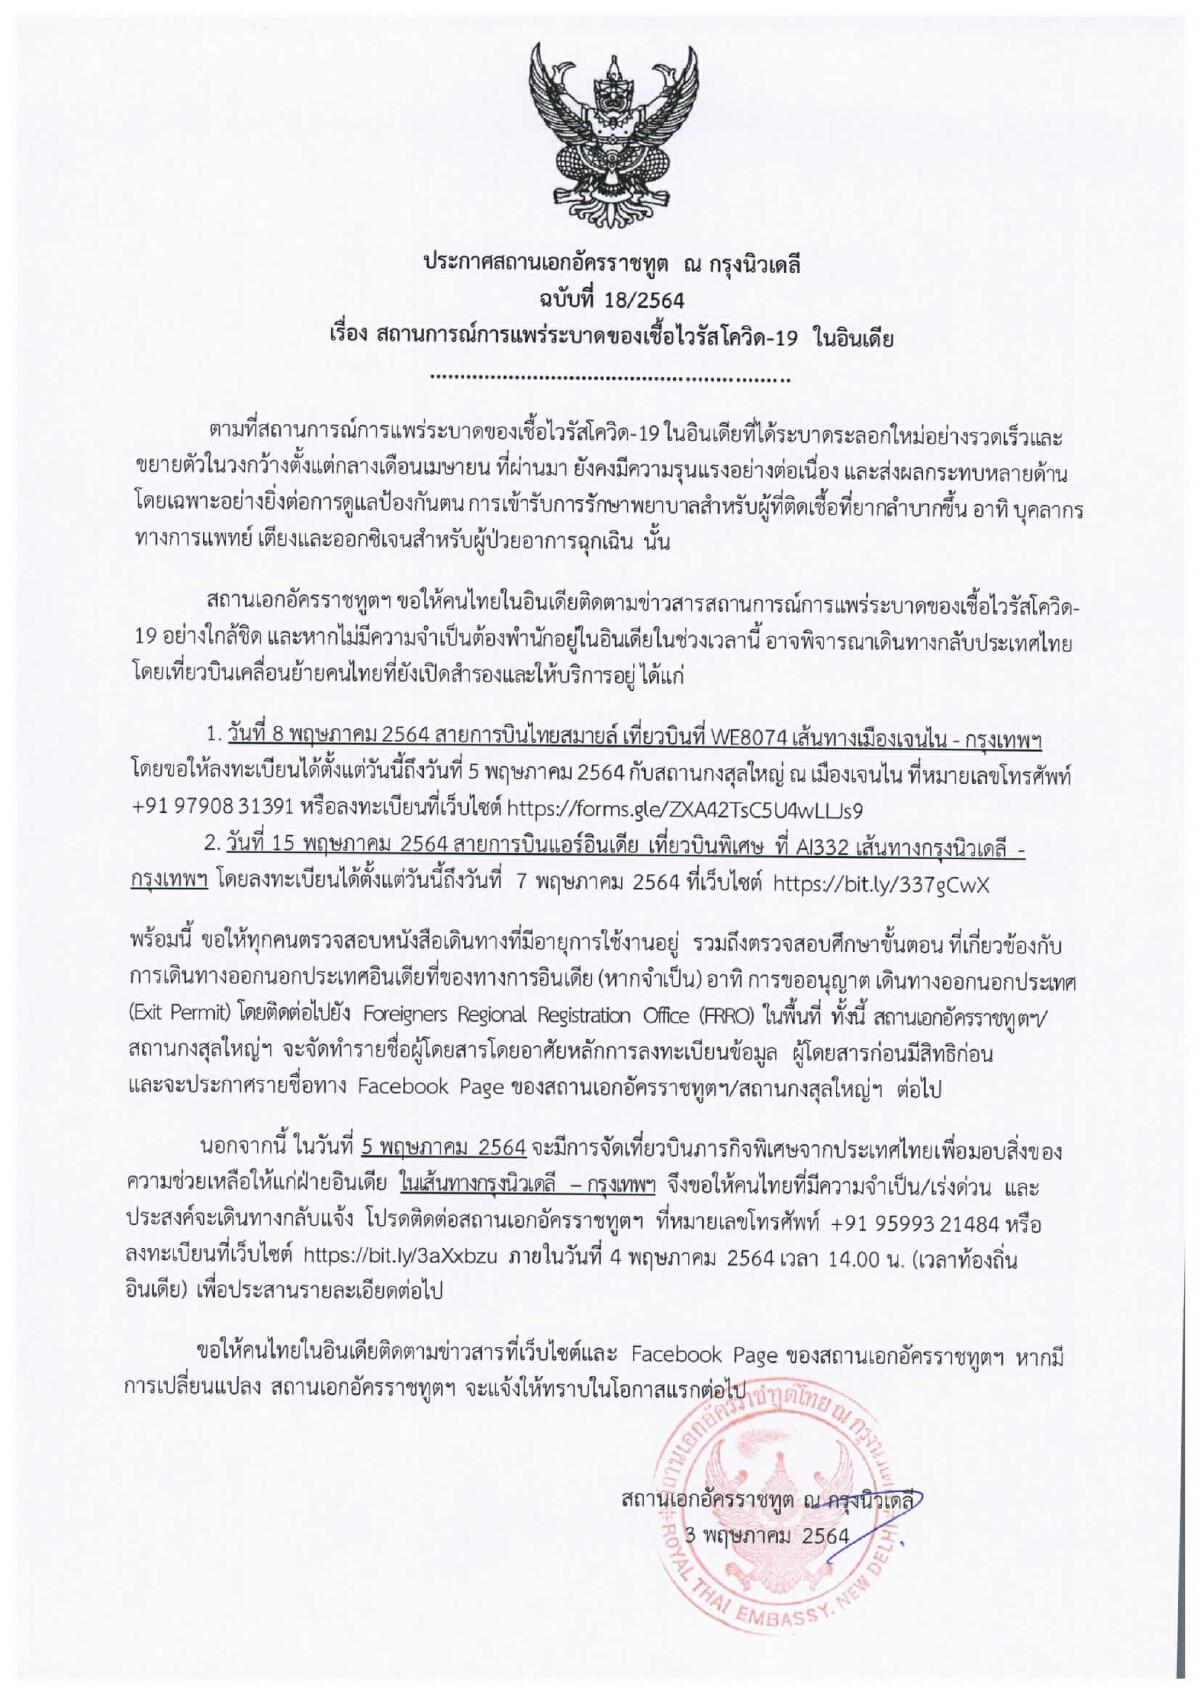 สถานทูตฯ เตรียม 2 เที่ยวบินรับคนไทยในอินเดียกลับประเทศ